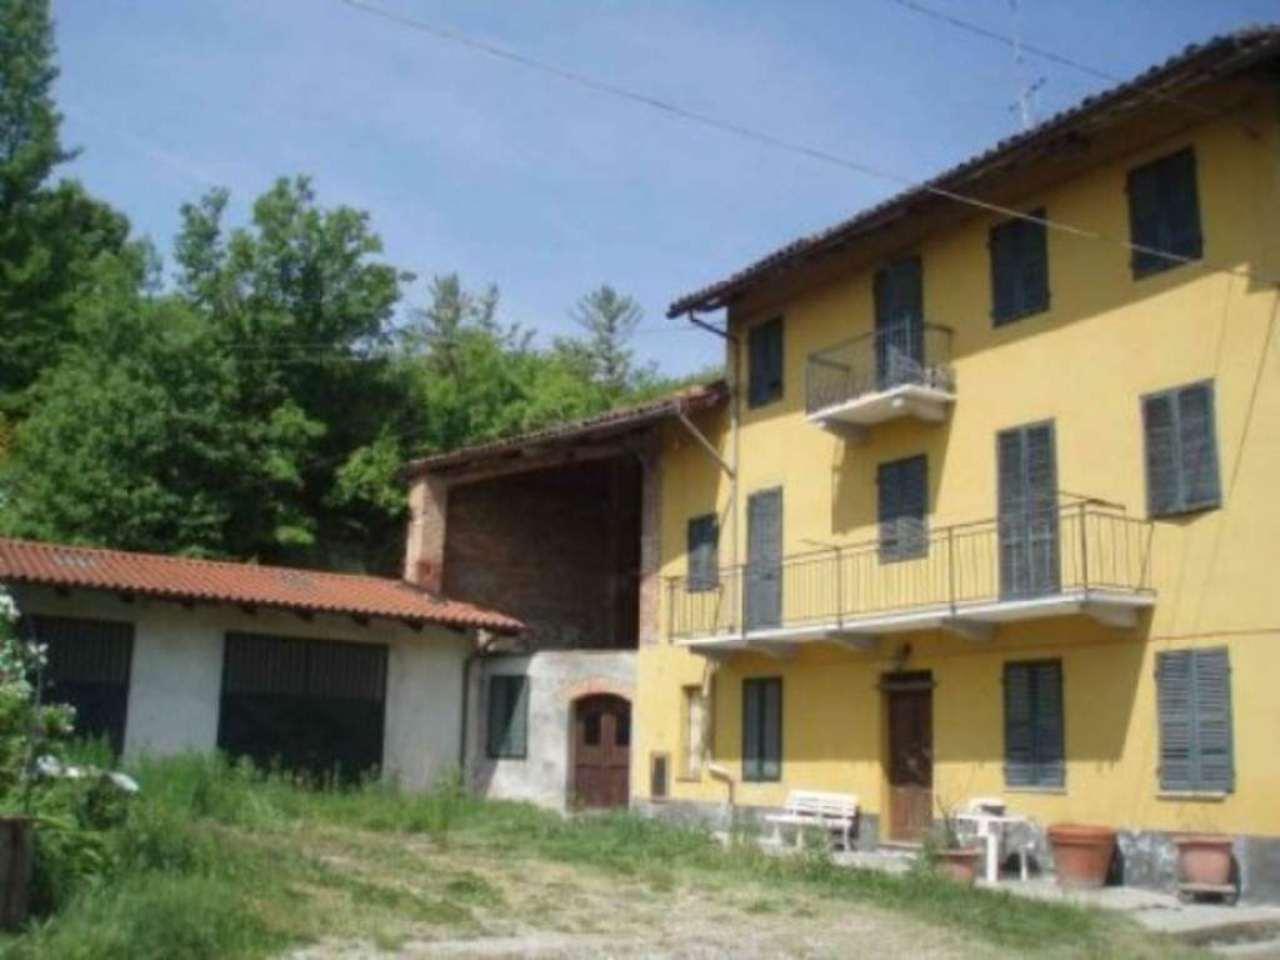 Rustico / Casale in vendita a Passerano Marmorito, 6 locali, prezzo € 200.000 | Cambio Casa.it